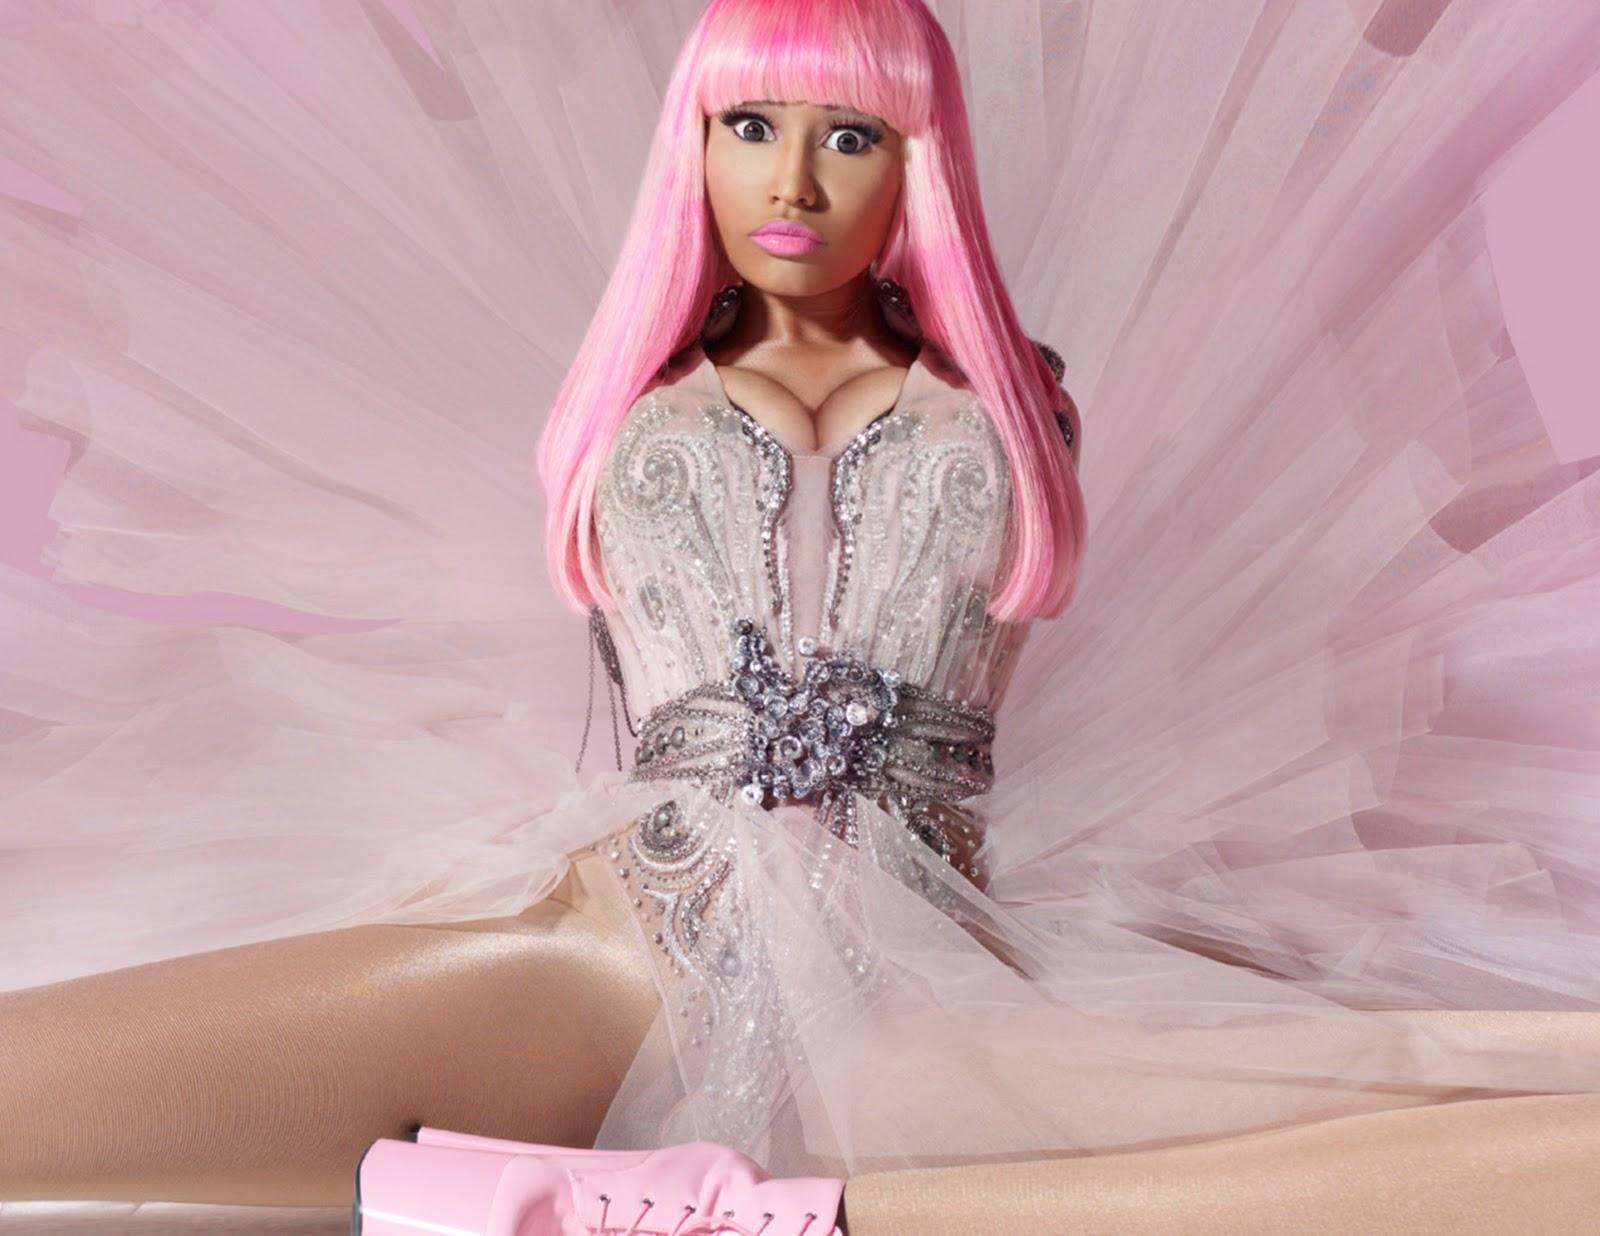 http://2.bp.blogspot.com/_V7lJdZi_T9A/TOvesA03FdI/AAAAAAAASxc/YPmVjIw9GWw/s1600/MAC+Pink+4+Friday+Nicki+Minaj.jpg